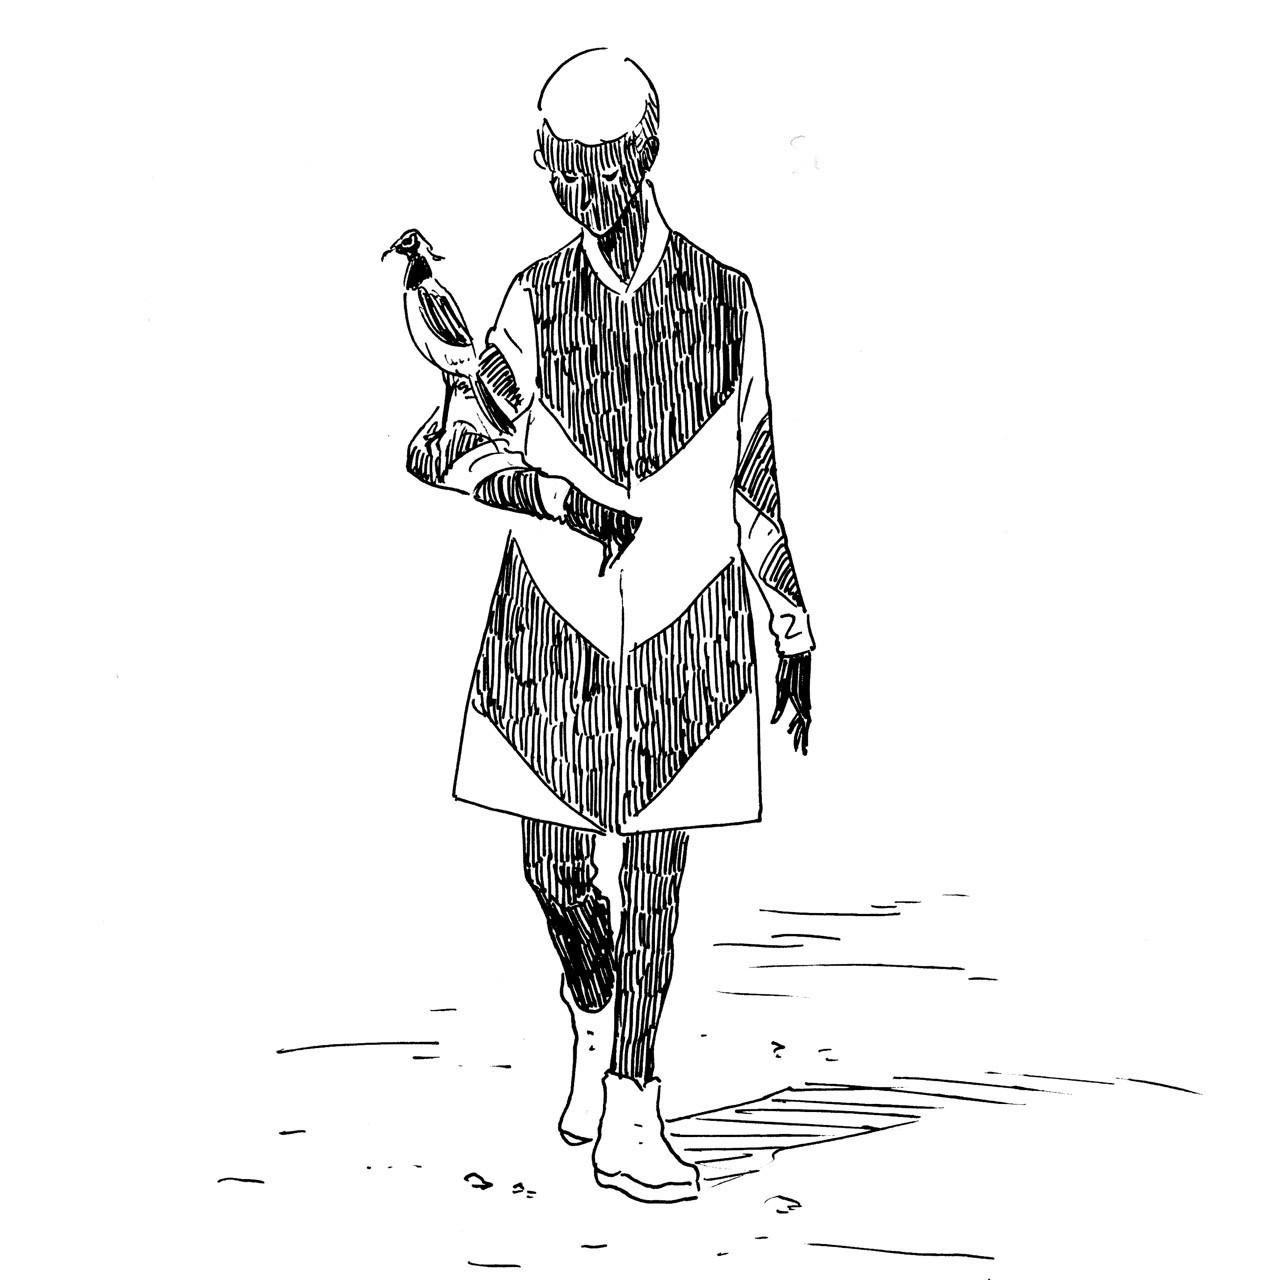 鳥人間その9 おしゃれな鍛冶屋とシロクロタゲリ|ハートヘッド/イラスト